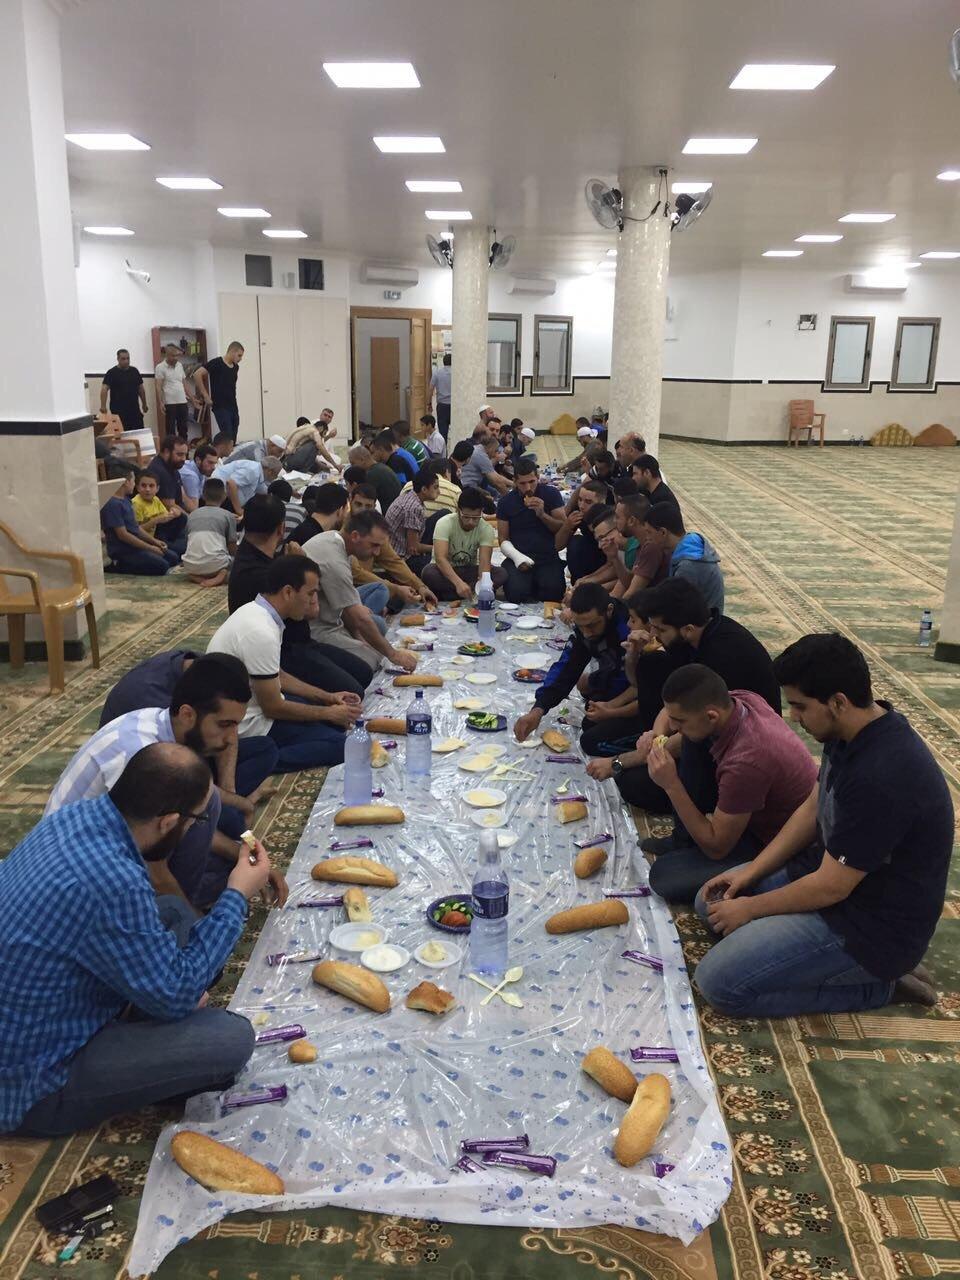 أم الفحم: مجموعة  مبادرون تُحيي العشر الأواخر من رمضان في مسجد حيّ العيون